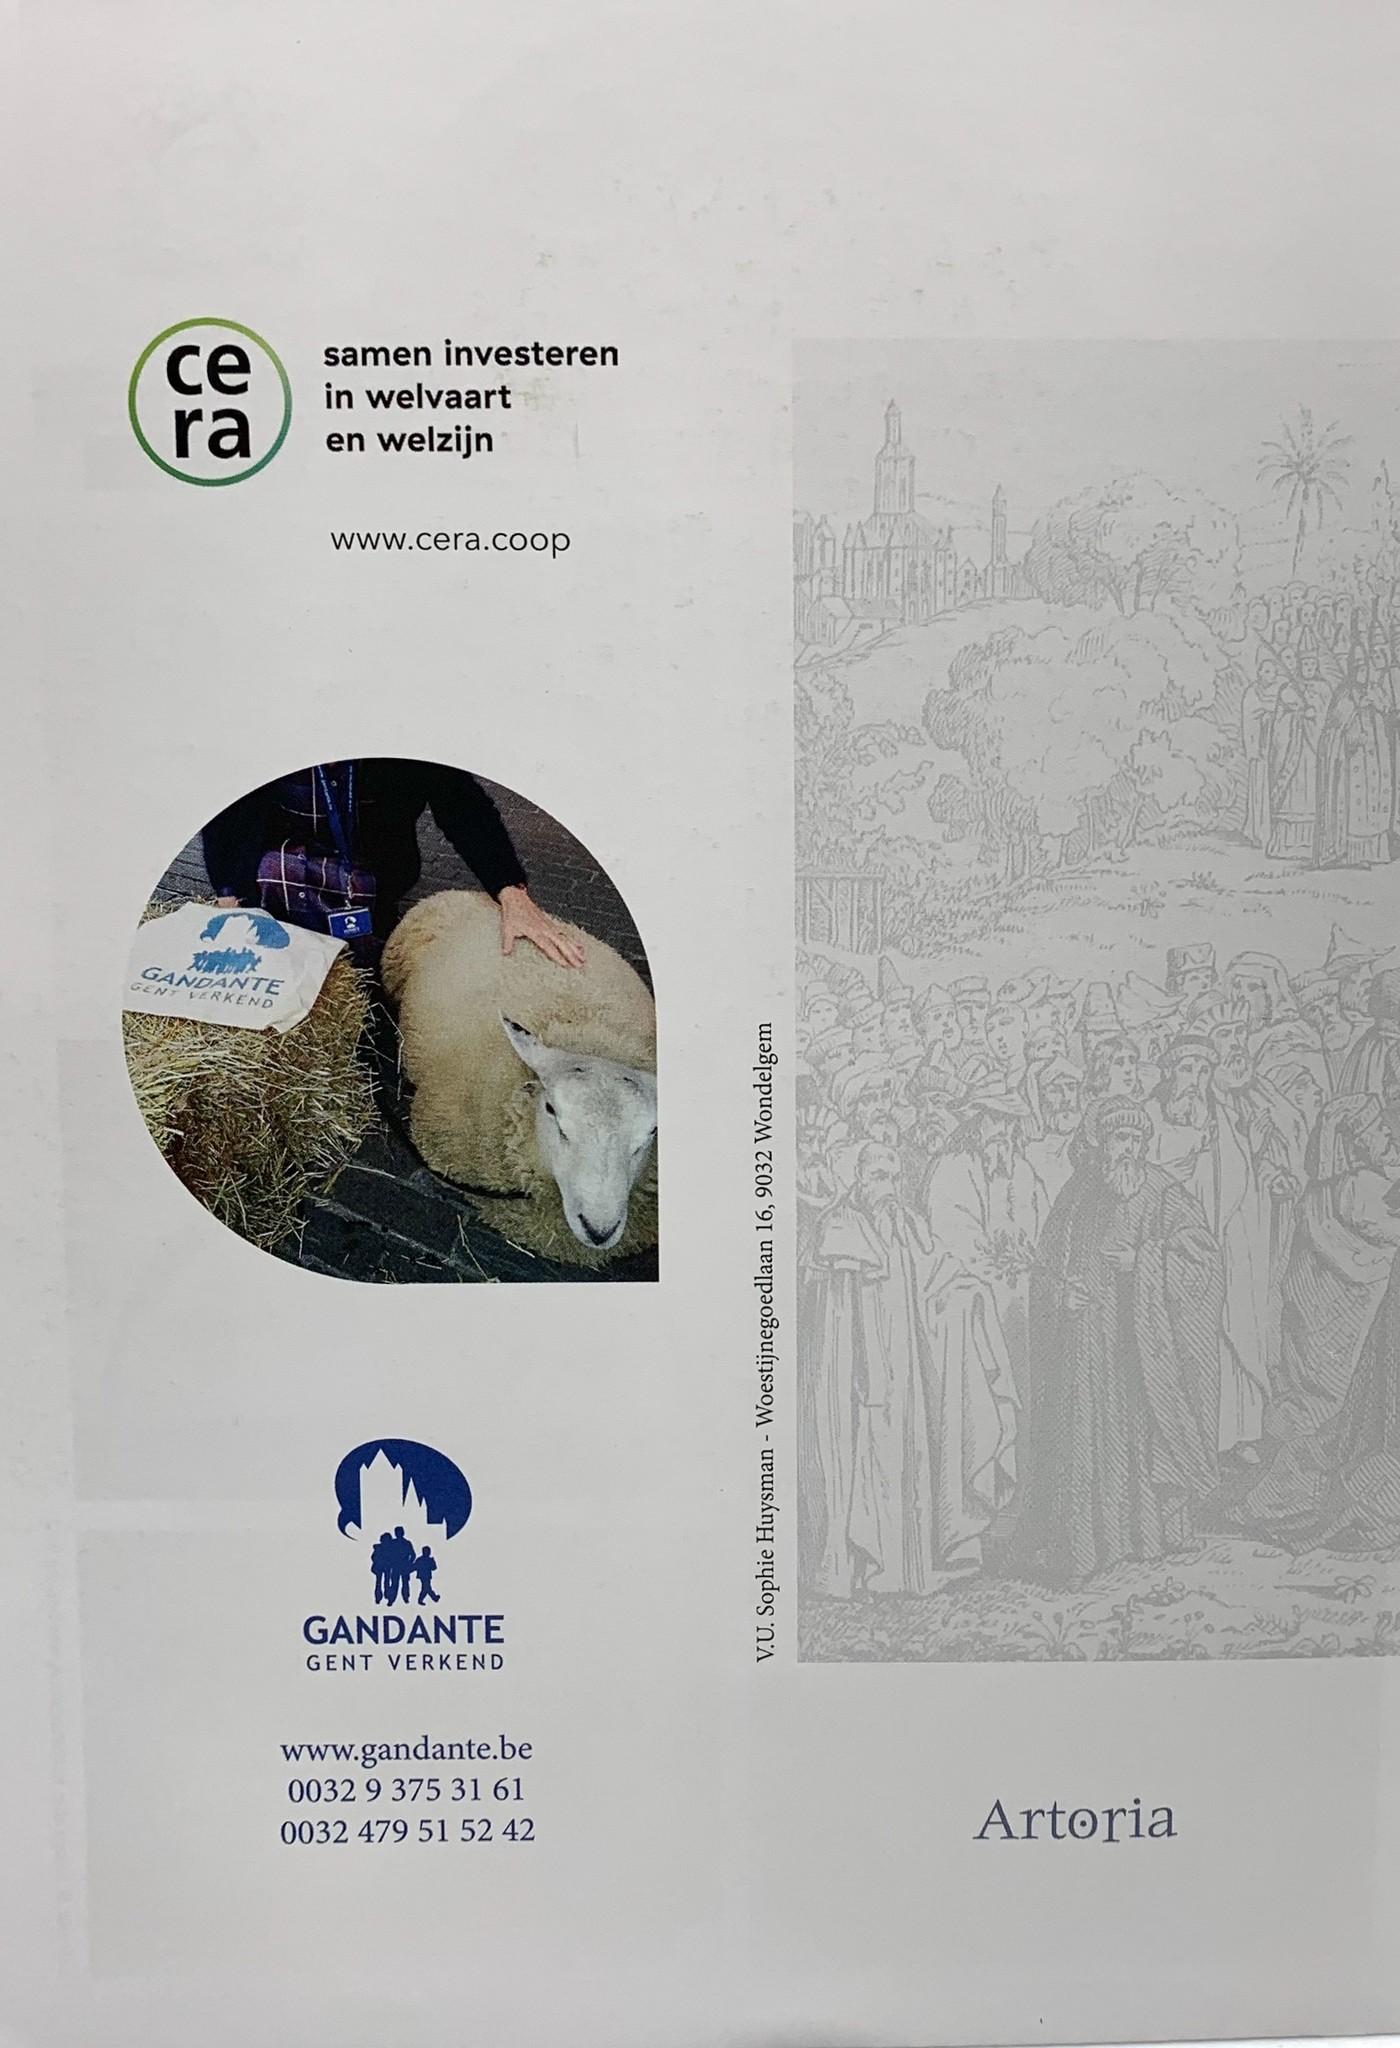 Gandante Zoektocht Van Eyck - Gandante